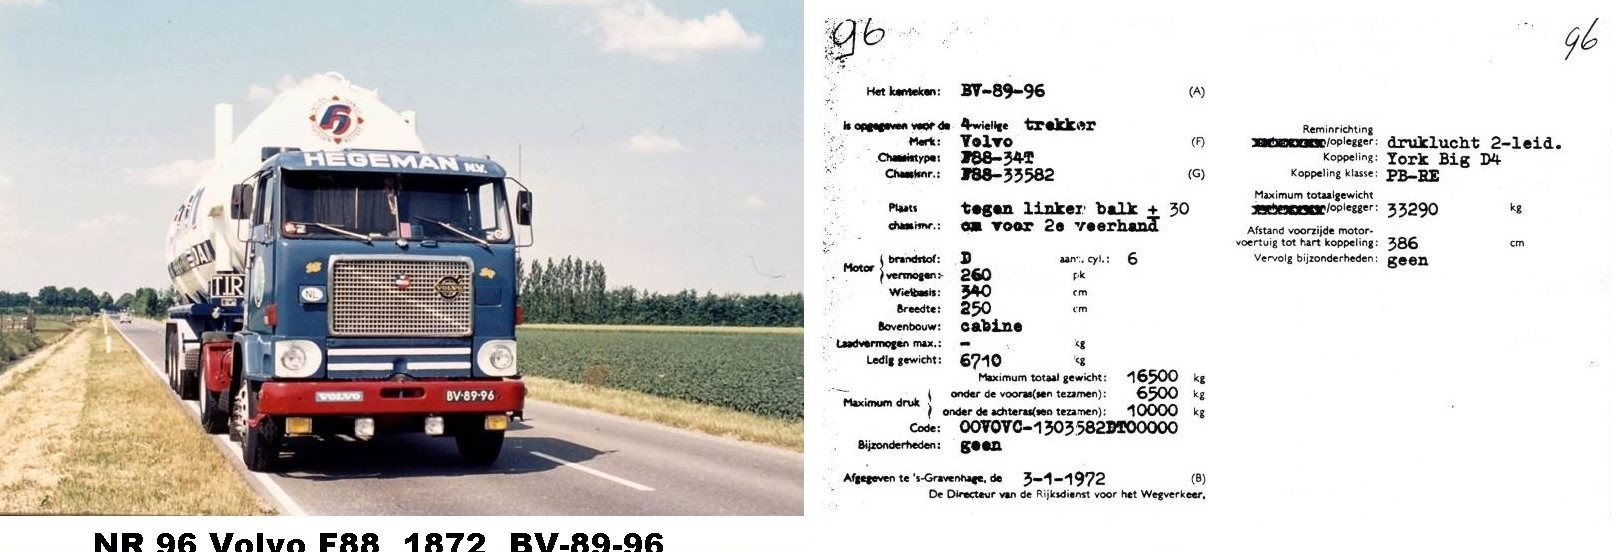 NR-96-Volvo-F88-